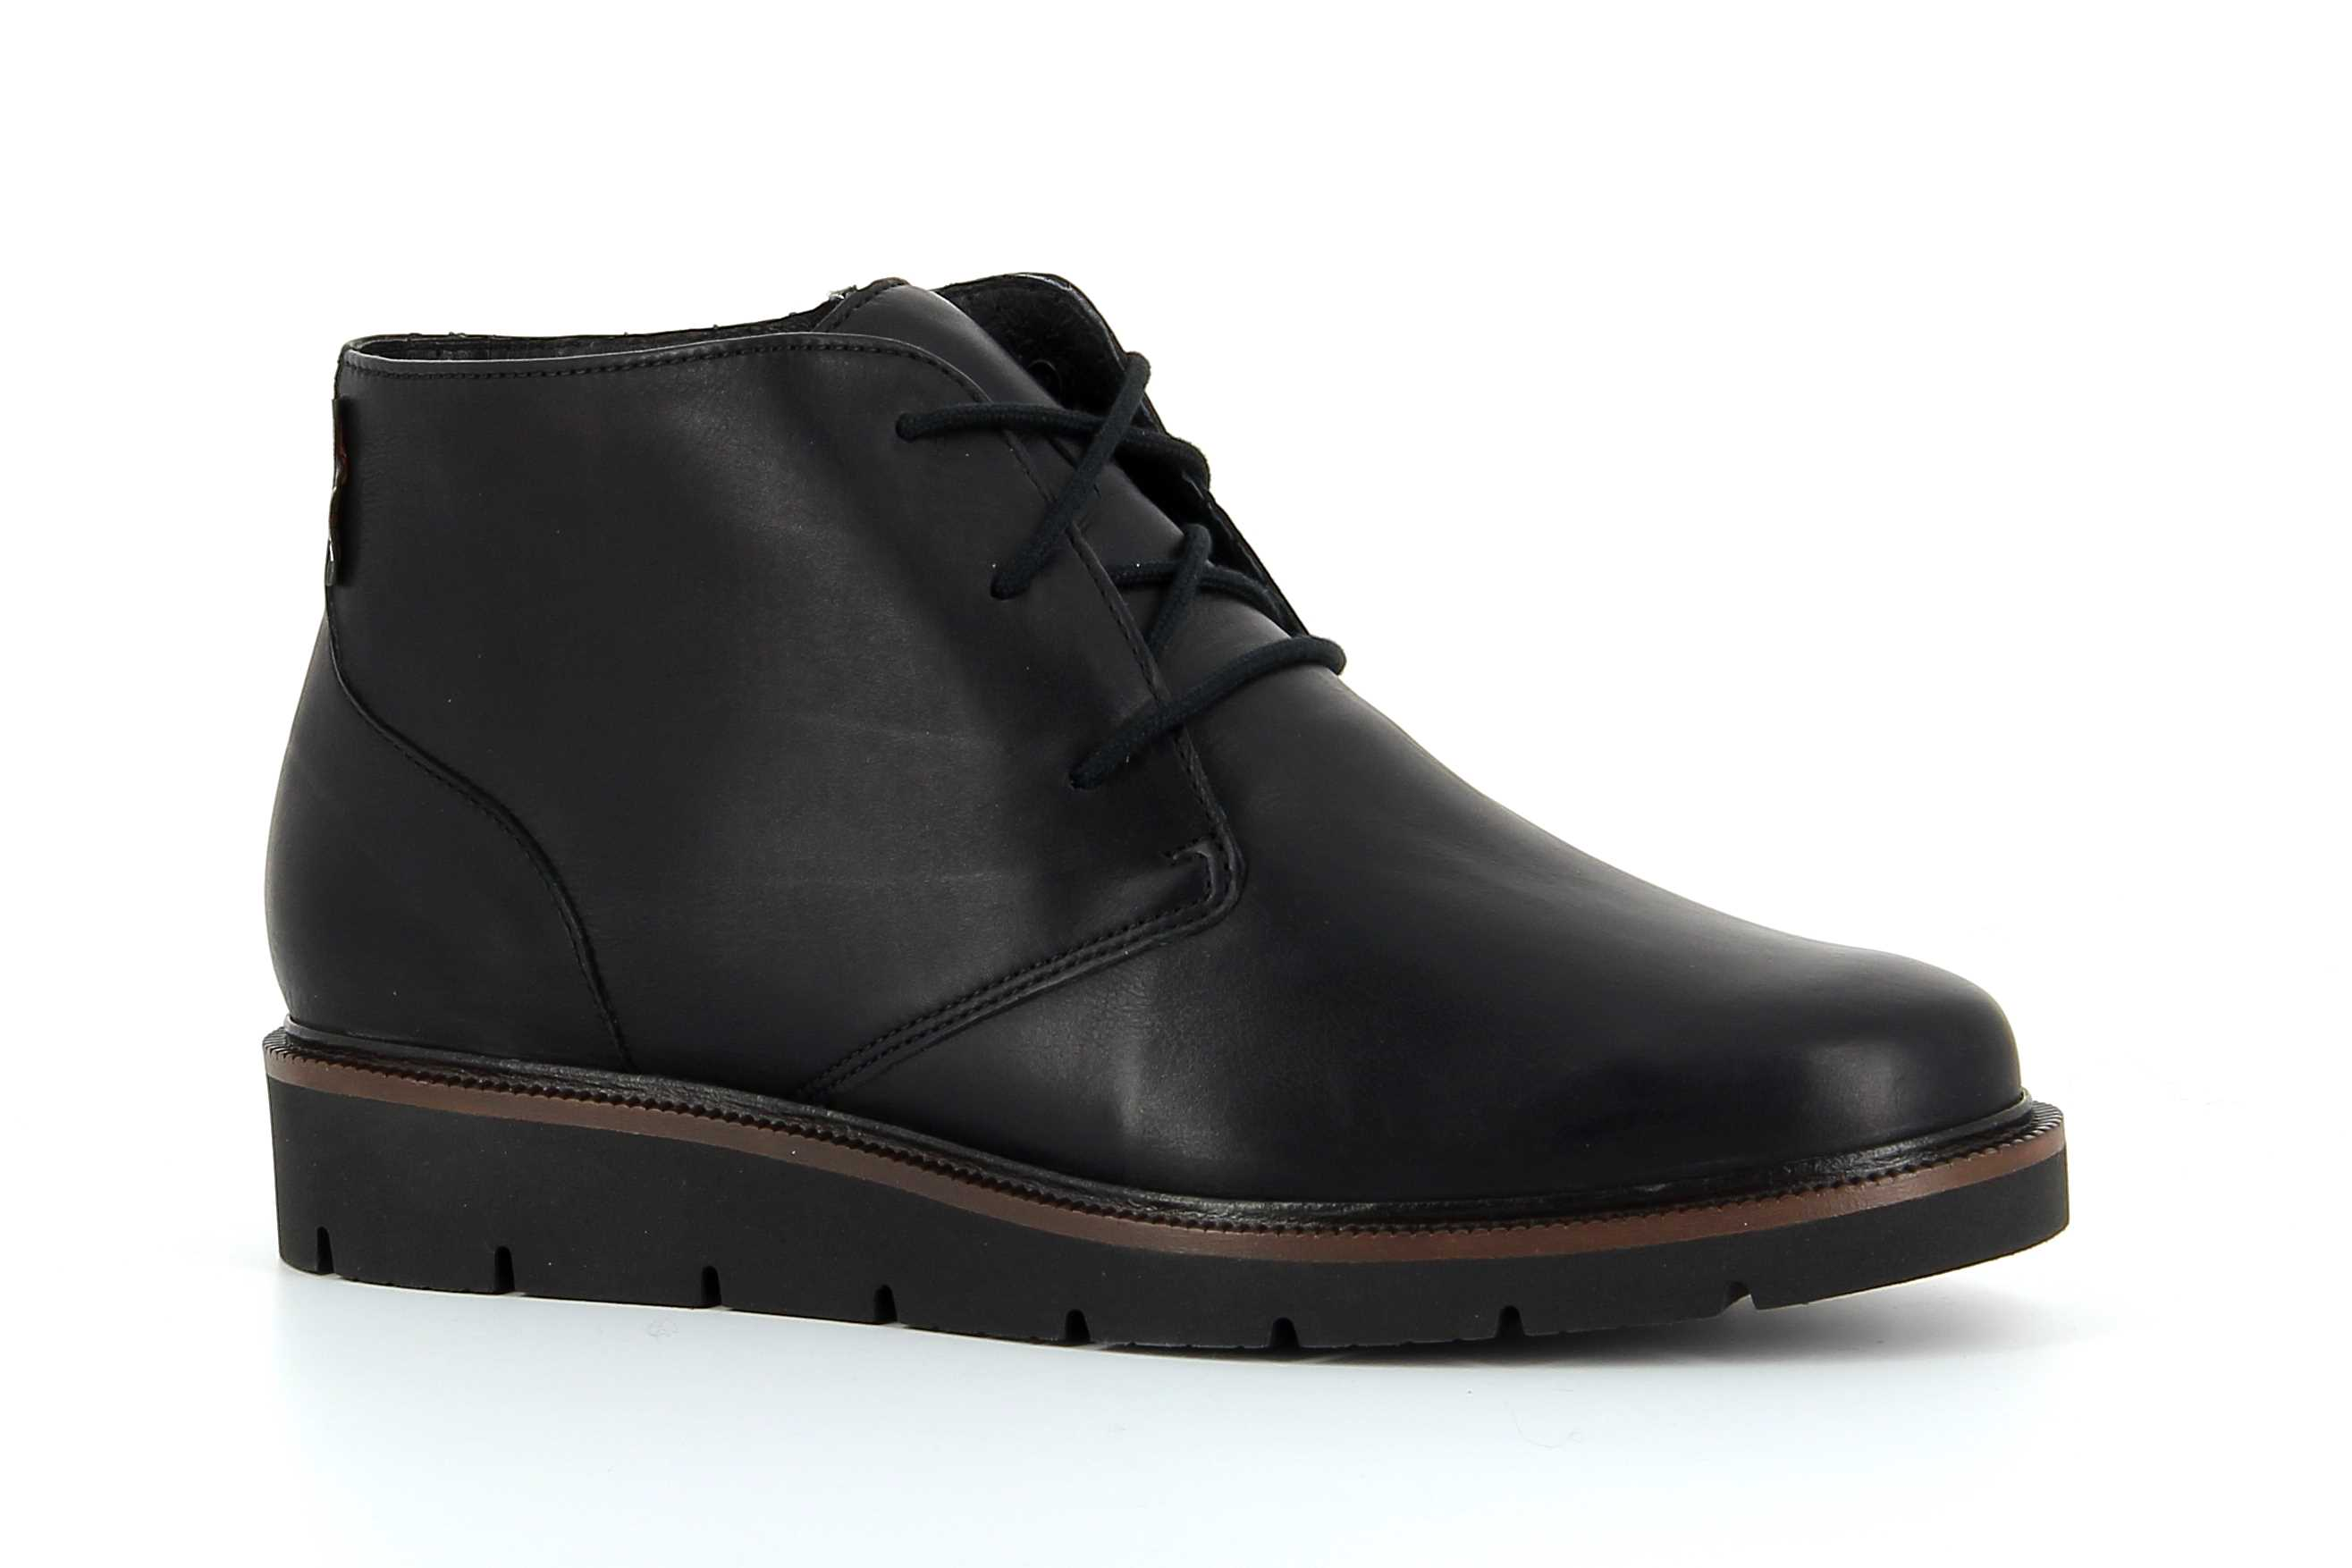 449e3aa69d2 Mephisto-Shop chaussures d exception - bottines - femme - modèle ...